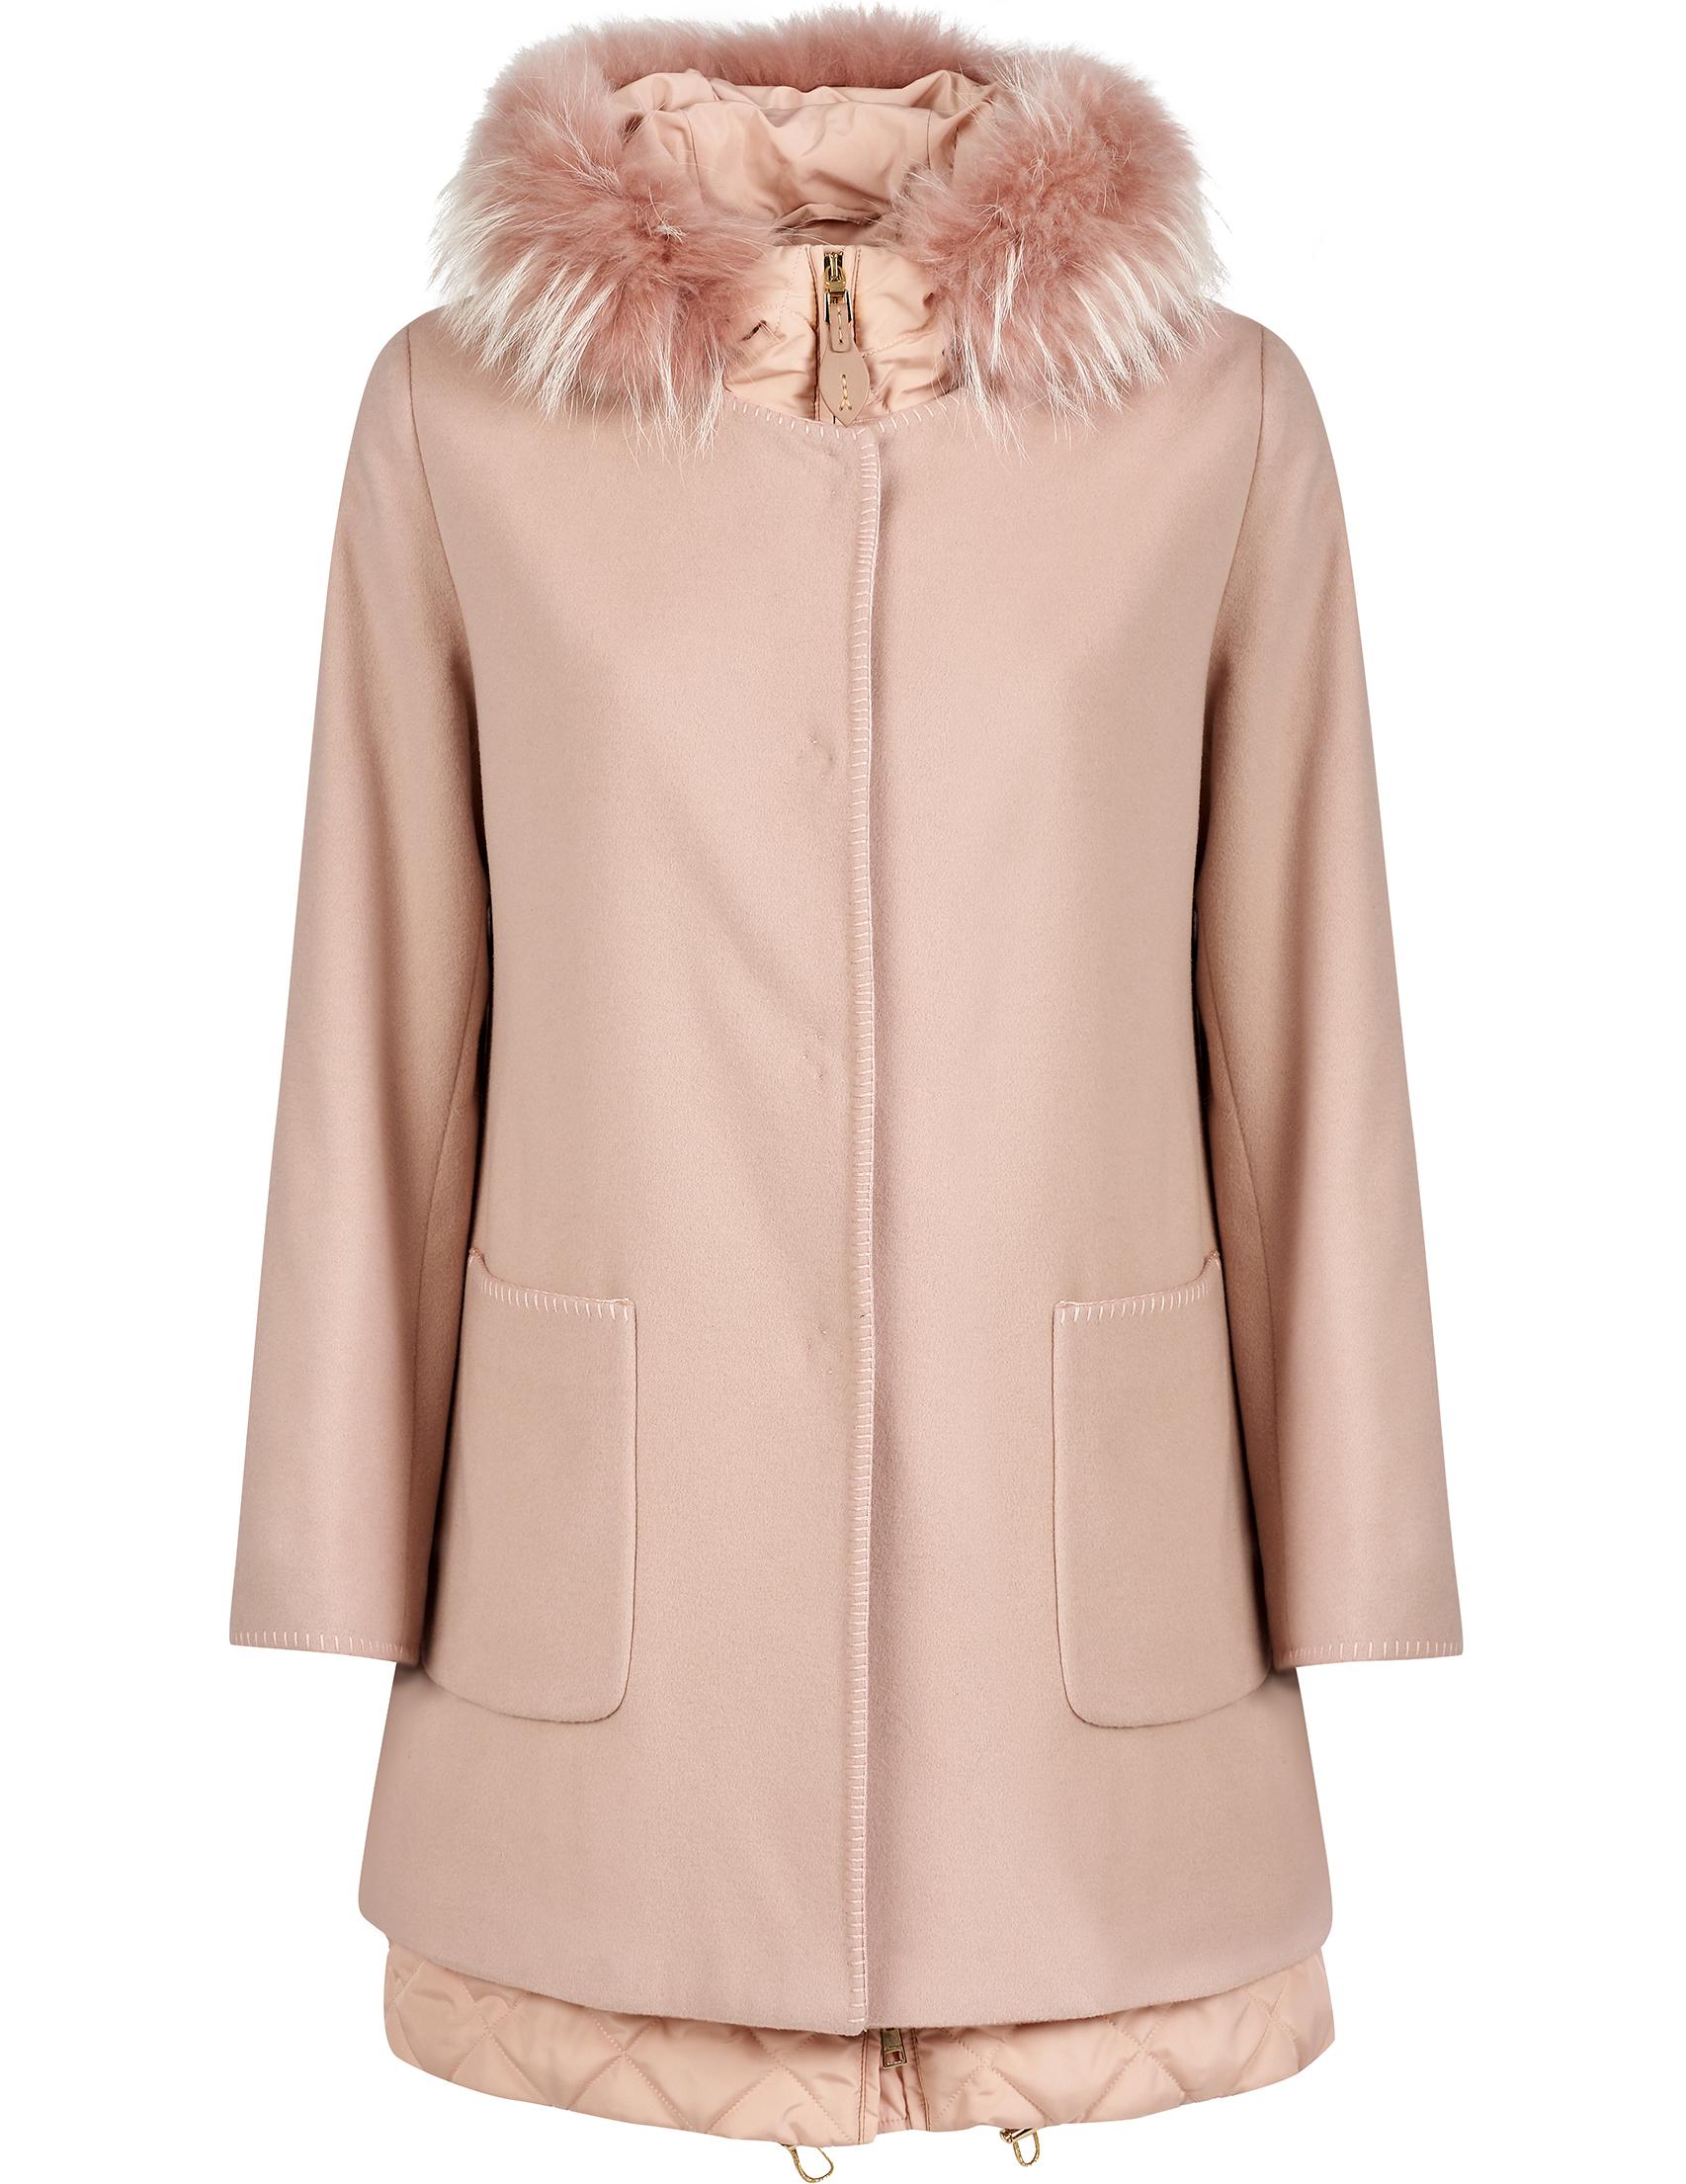 Купить Пальто, GALLOTTI, Розовый, 100%Полиэстер;90%Шерсть 10%Кашемир;100%Мех, Осень-Зима